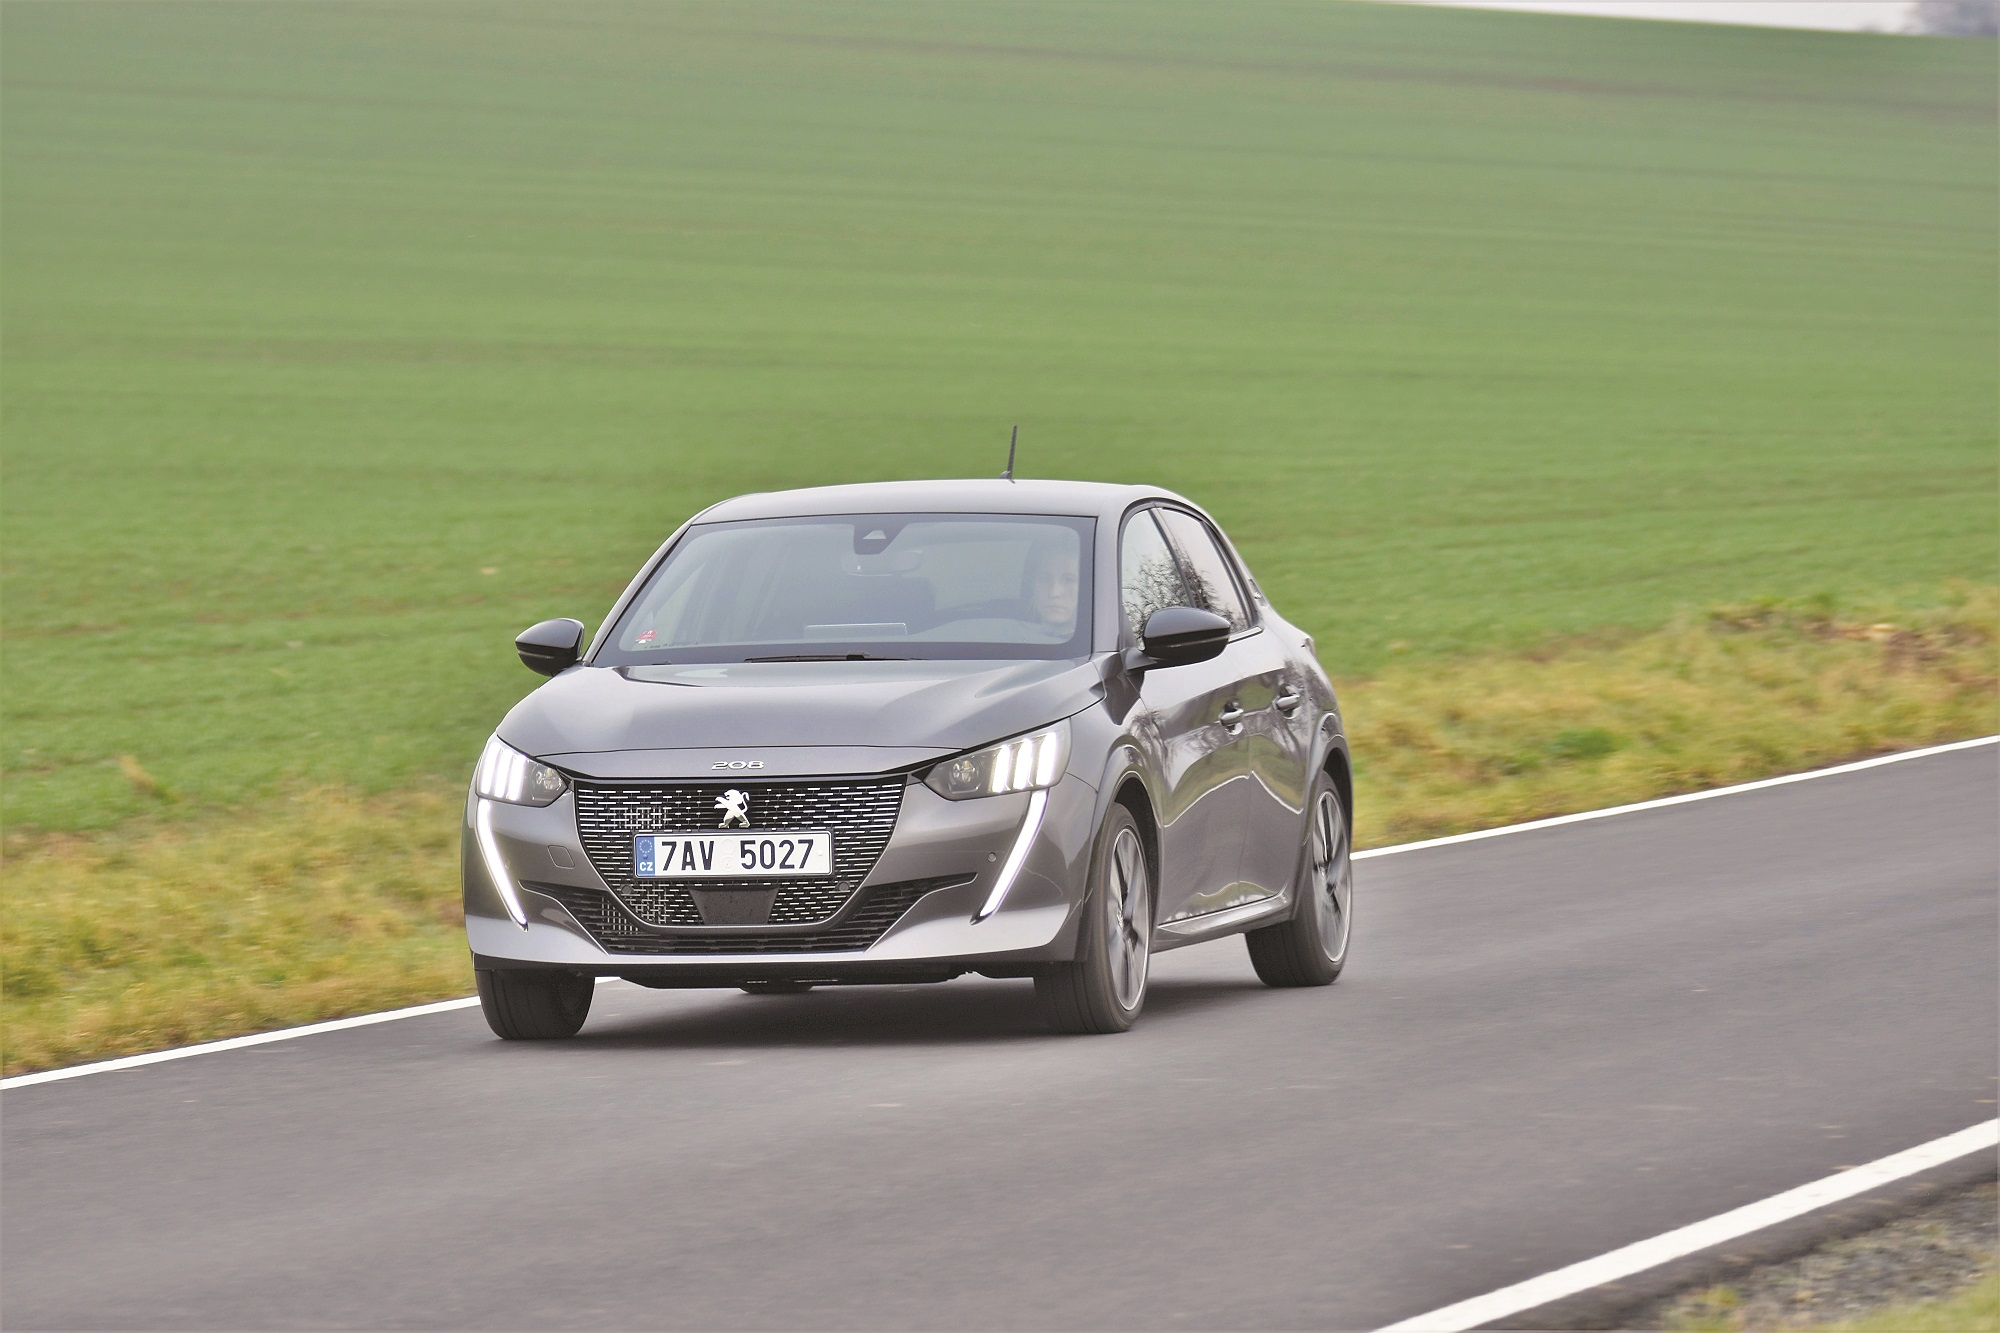 Nová 208 zaujme robustním designem a skvělými jízdními vlastnostmi